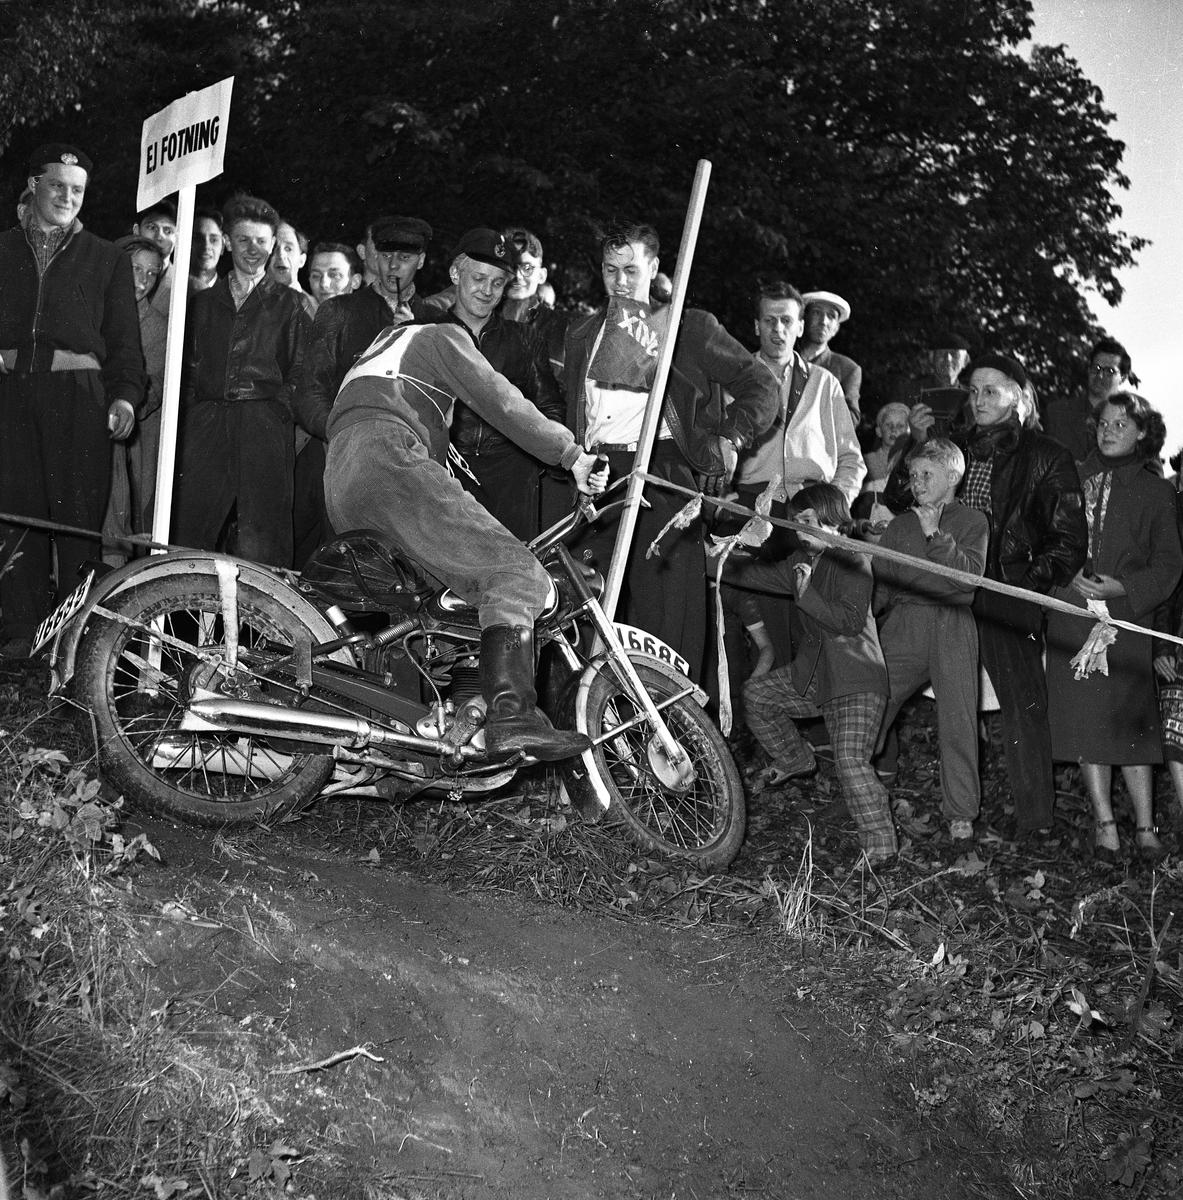 Arbogas Stjärnknutte Tävling i terrängkörning med motorcykel. Föraren kör alldeles intill publiken i backen.